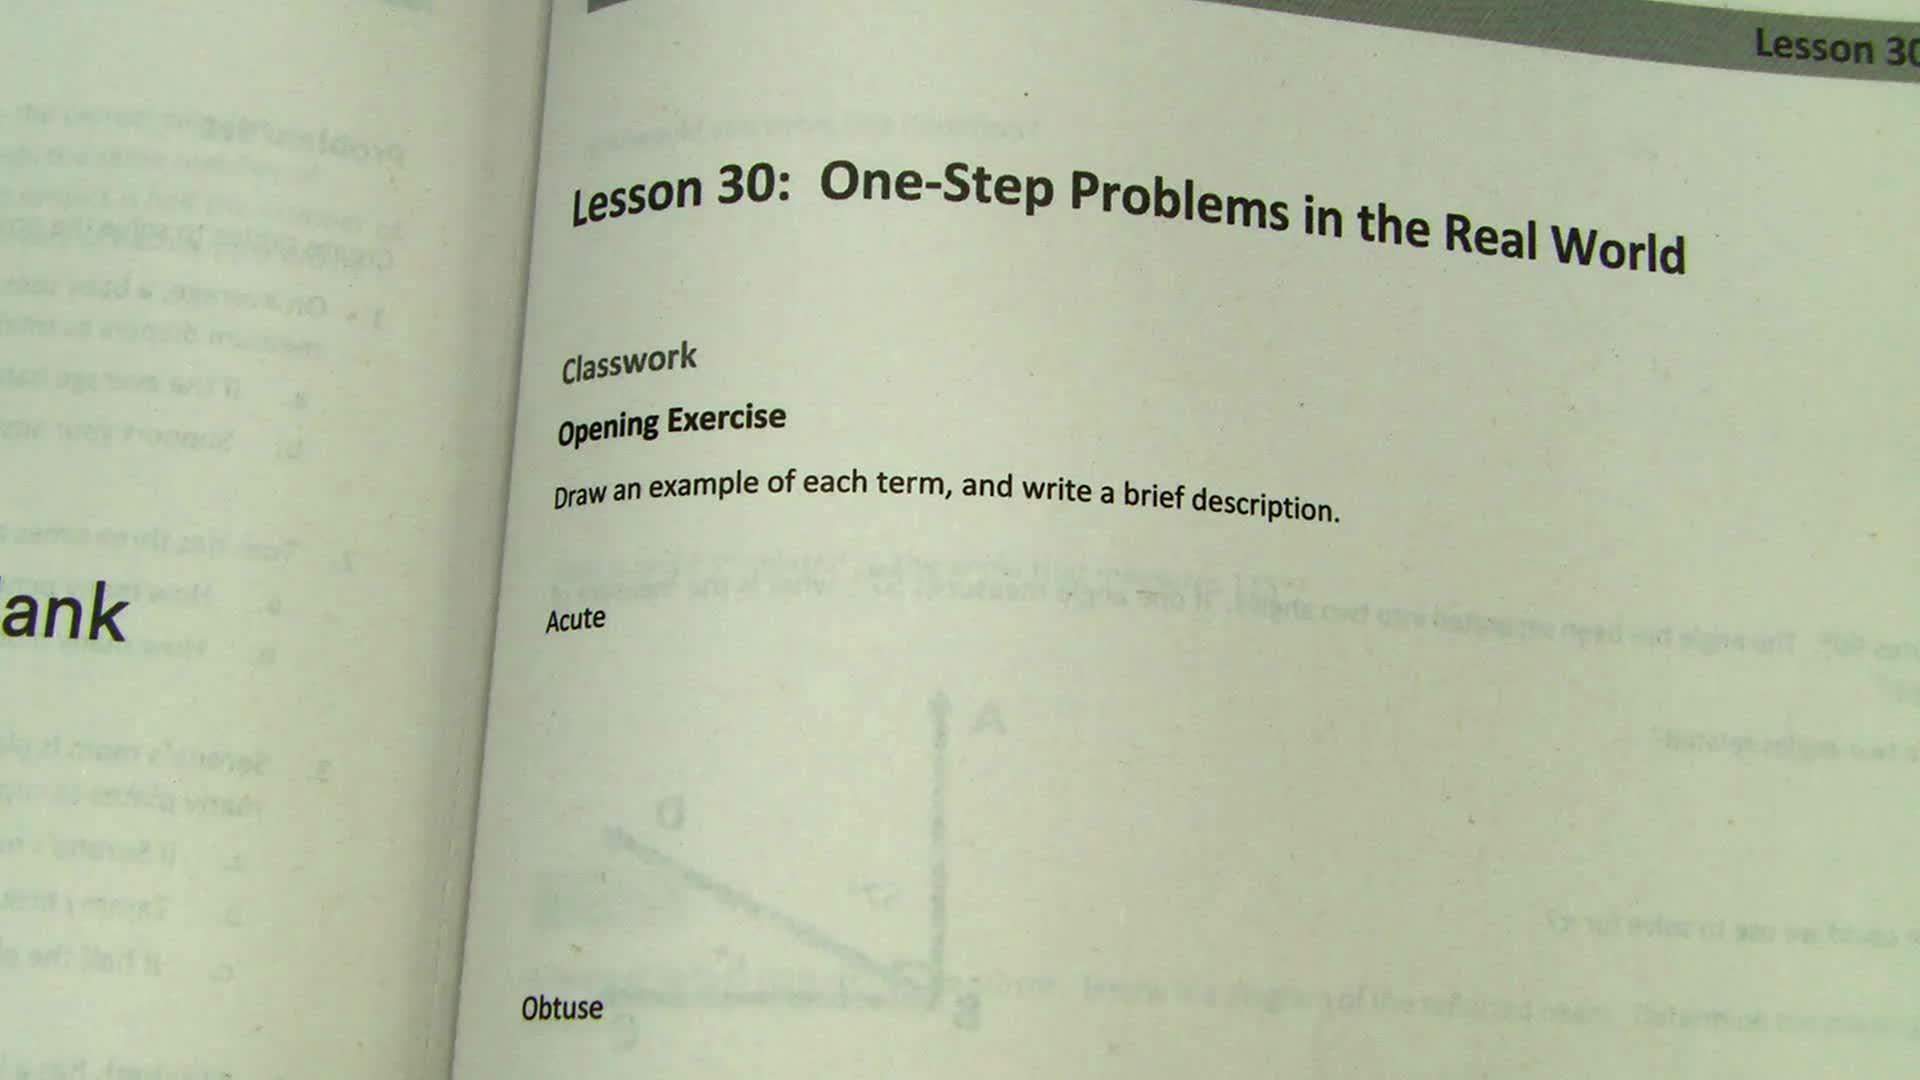 Module 4 - Lesson 30